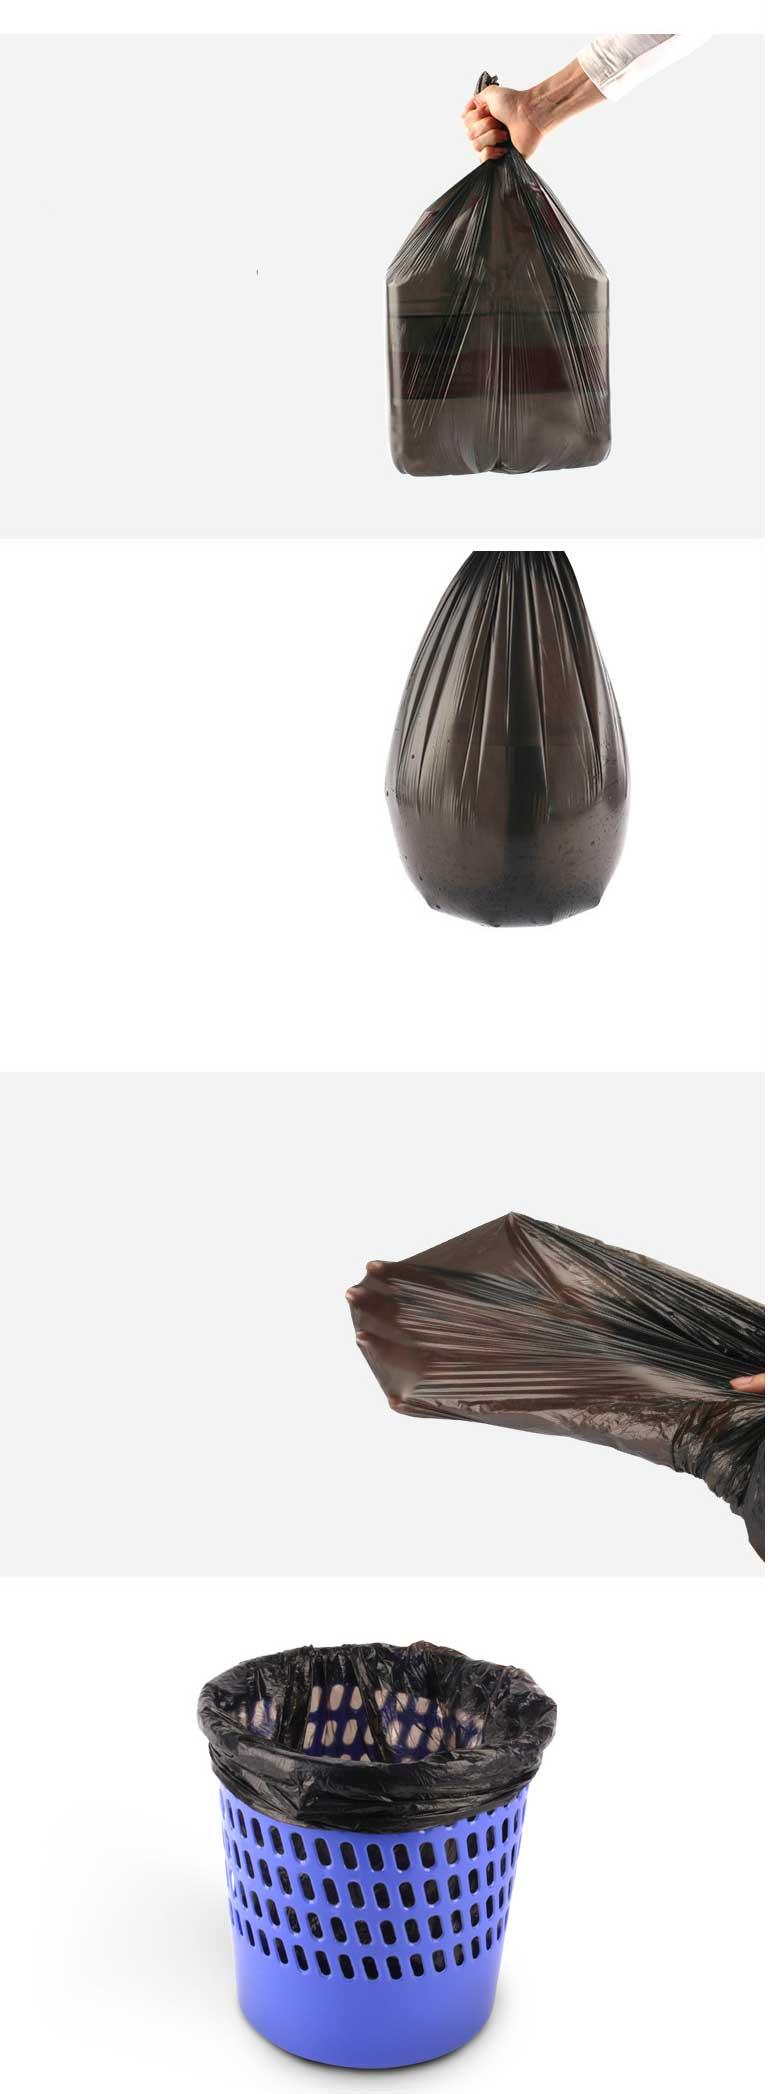 悠米垃圾袋